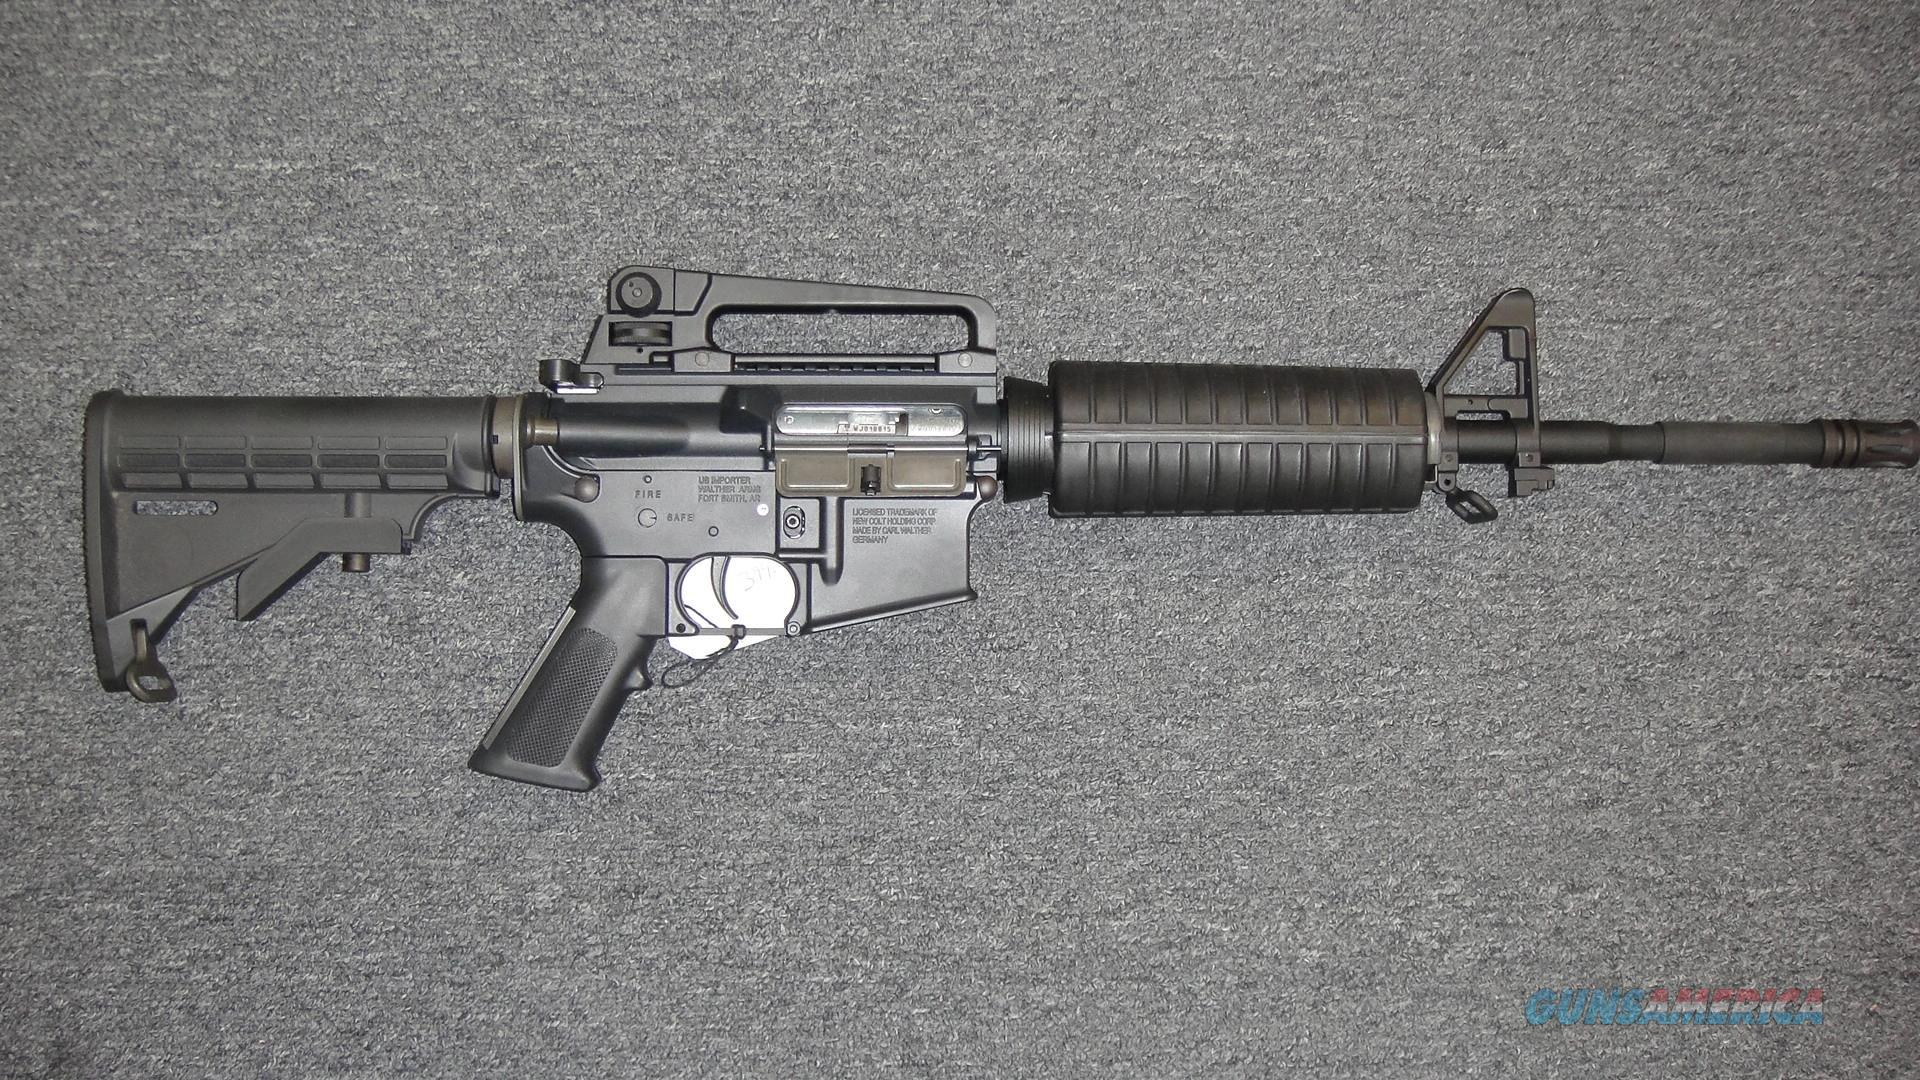 Colt M4 Carbine .22LR  Guns > Rifles > Colt Military/Tactical Rifles